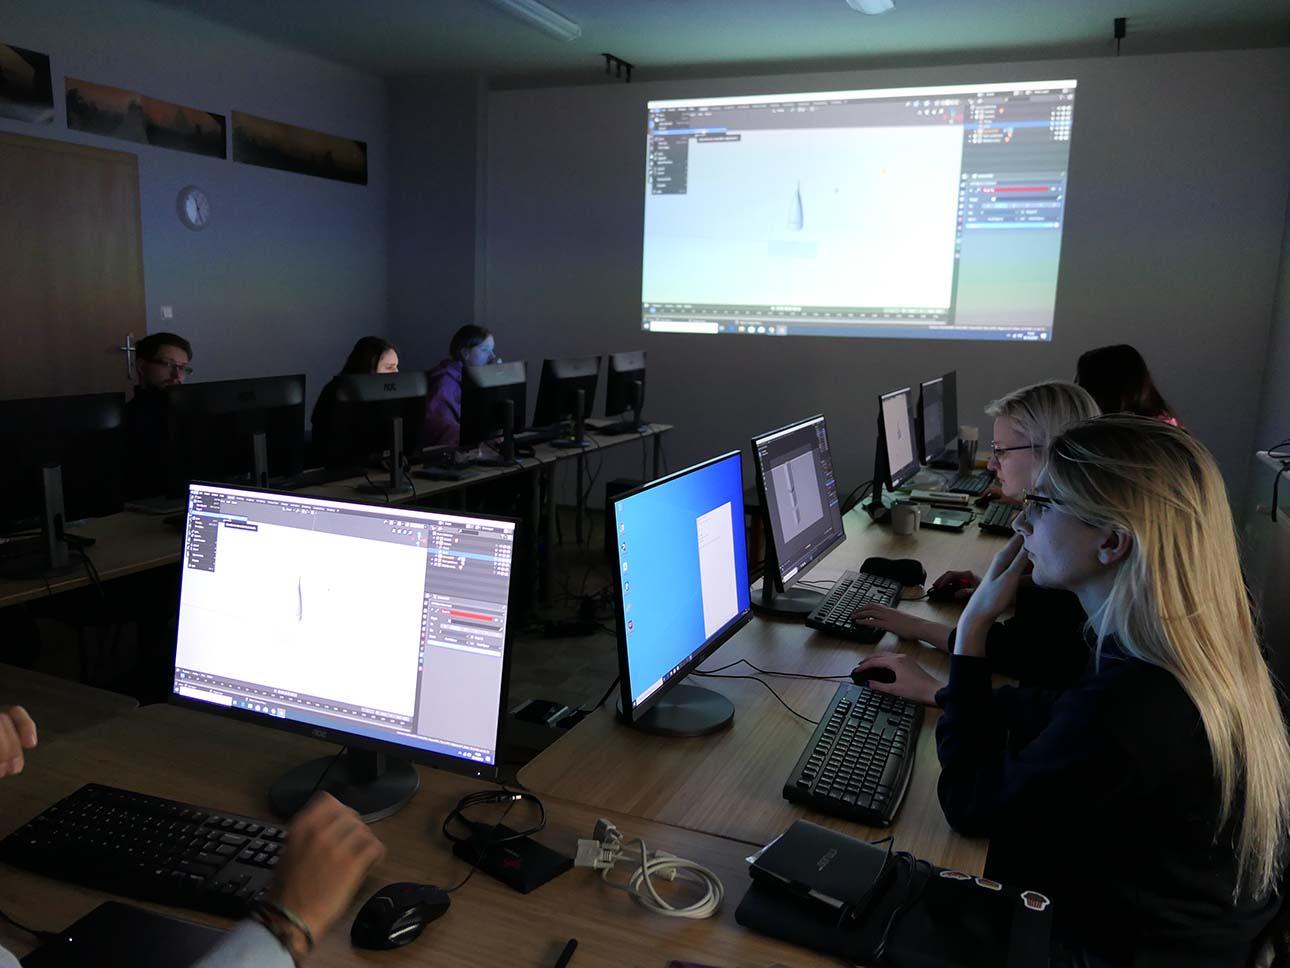 pracownia komputerowa w szkole sowa-edu